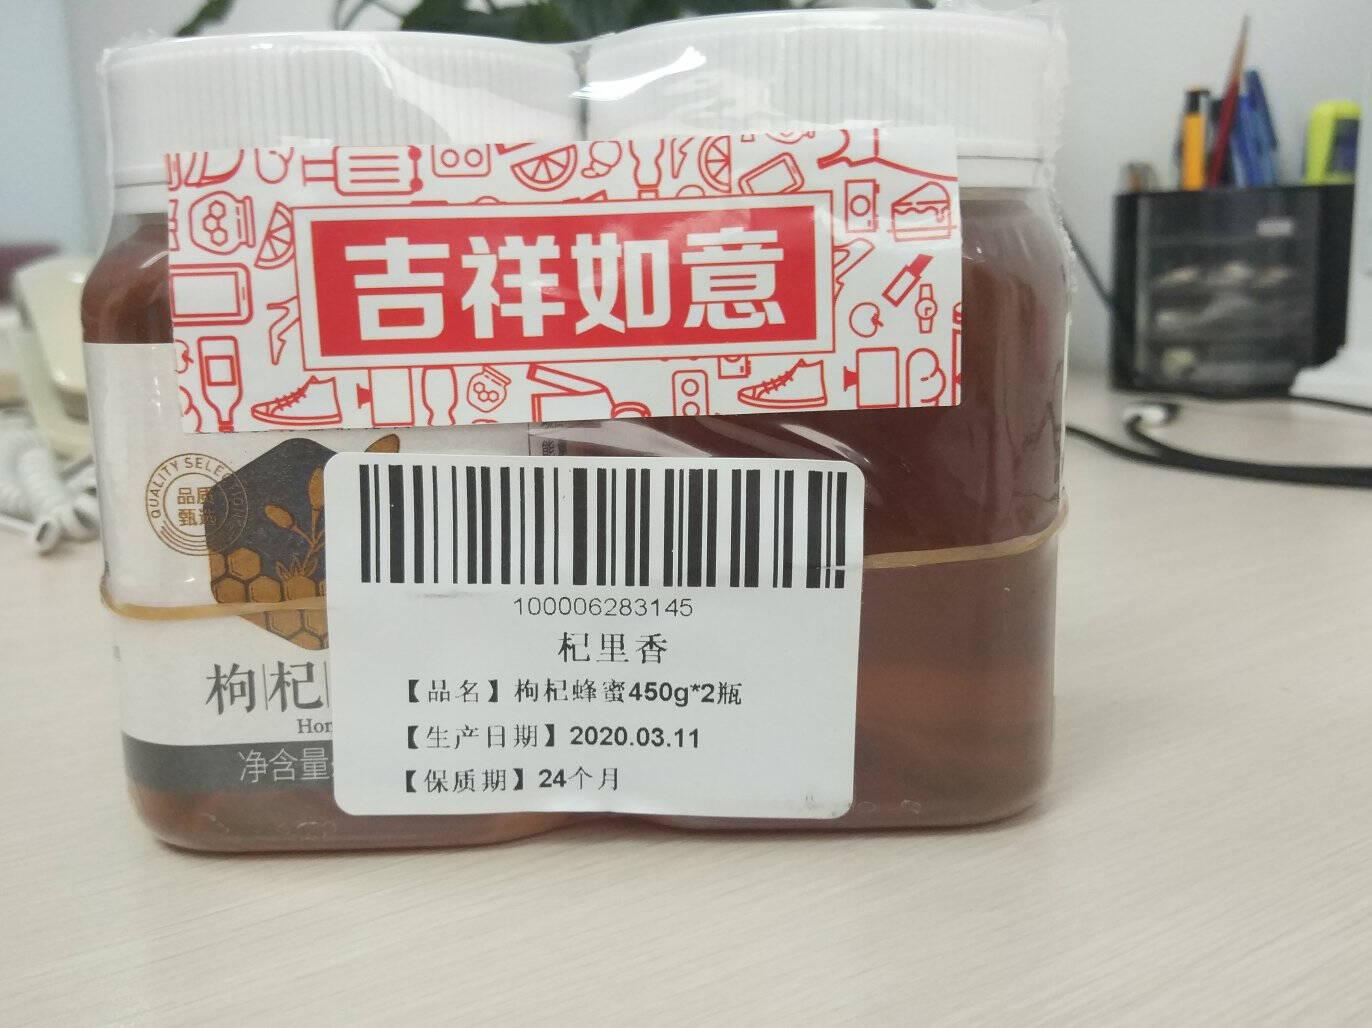 杞里香西洋参切片大片1.4-1.6cm精选无黑片花旗参切片含片50g/罐